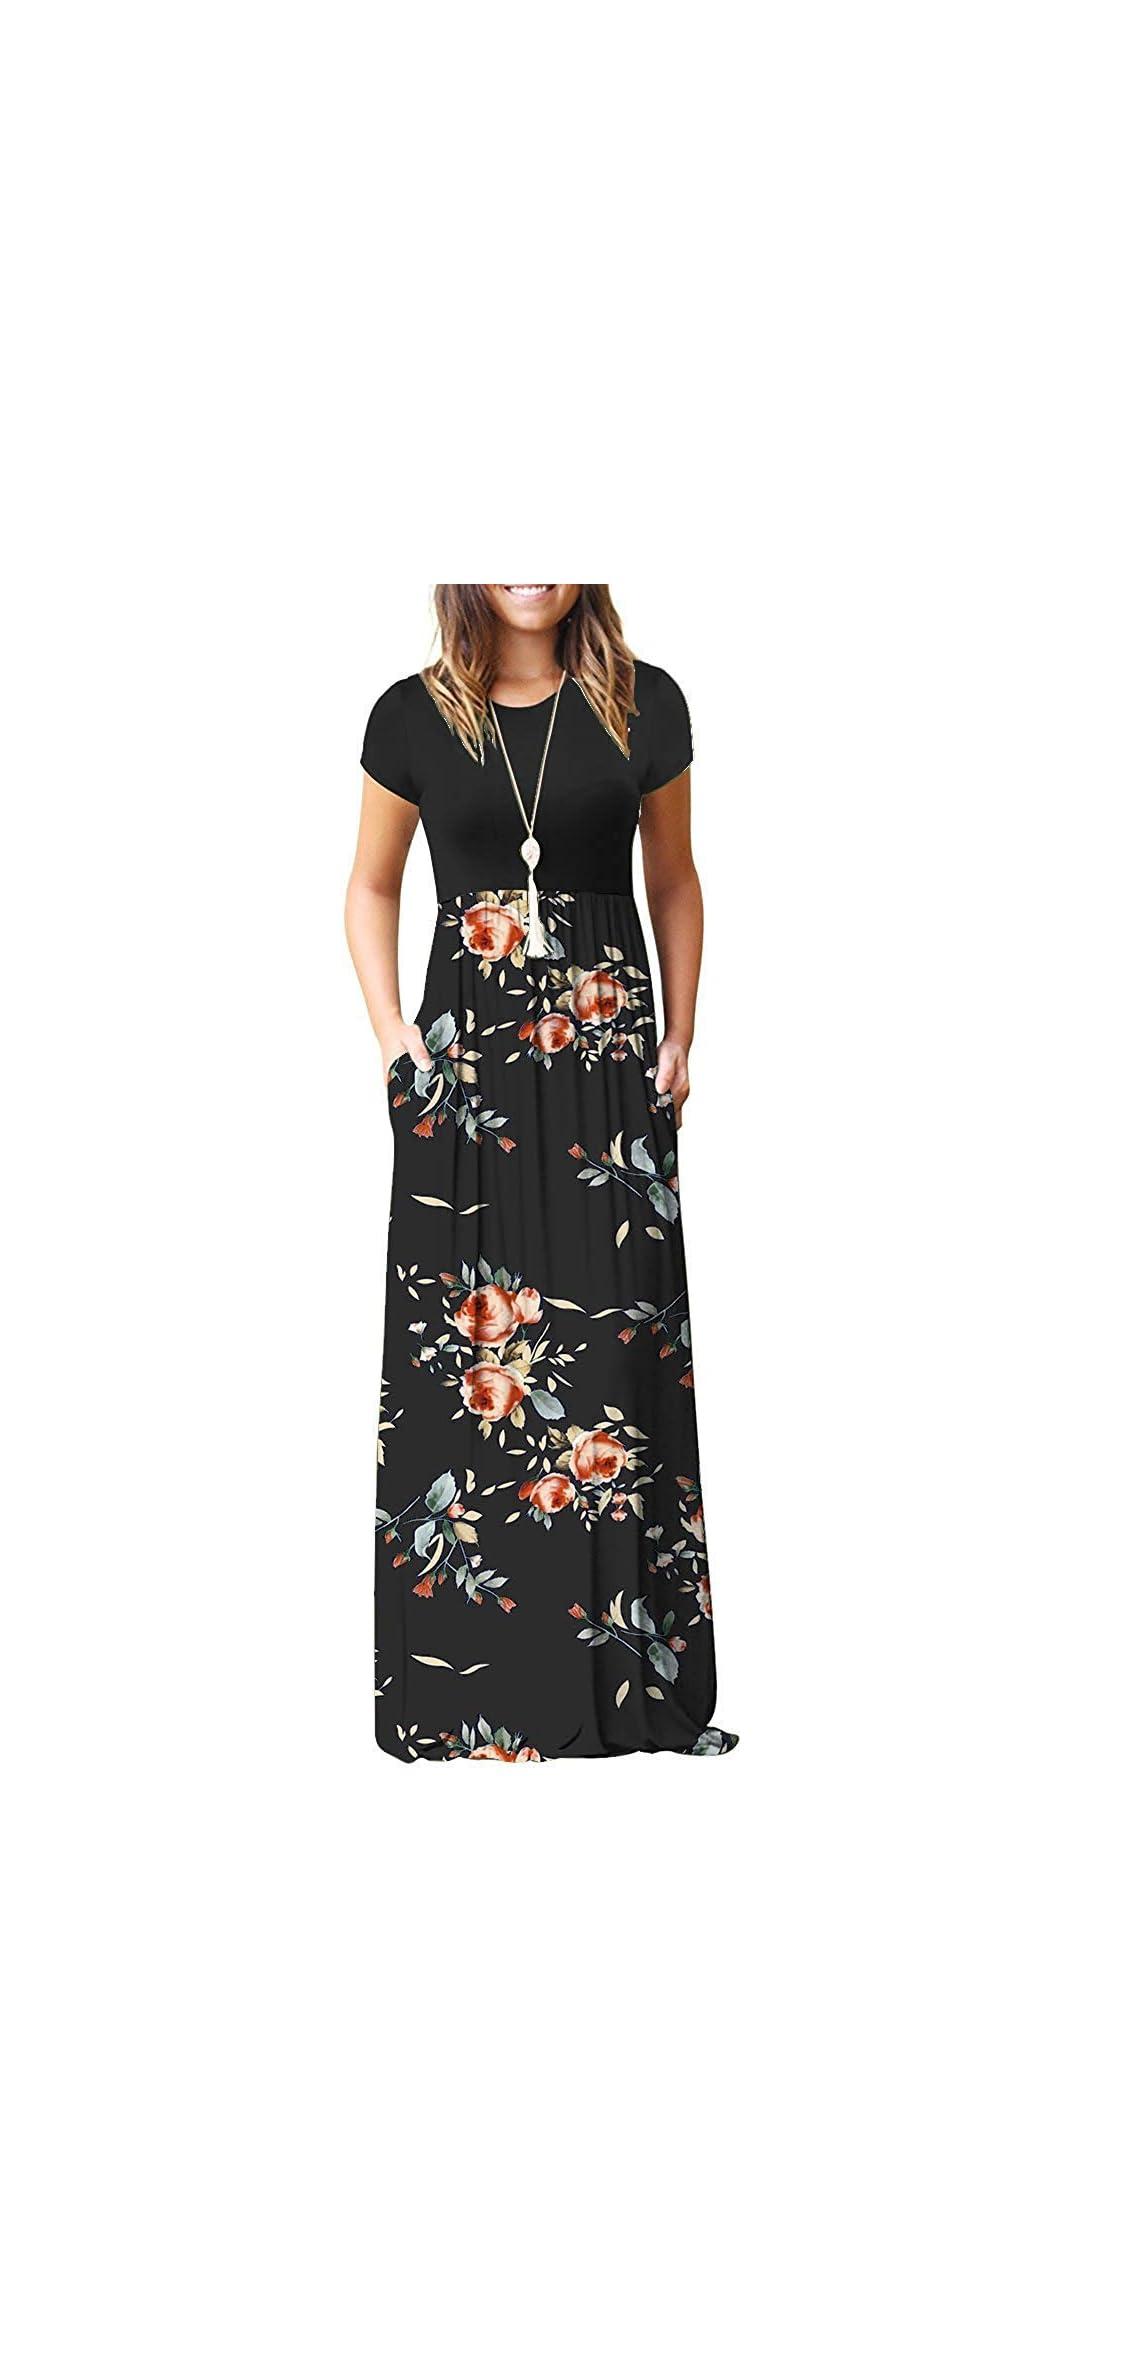 Women Short Sleeve Loose Plain Casual Long Maxi Dresses